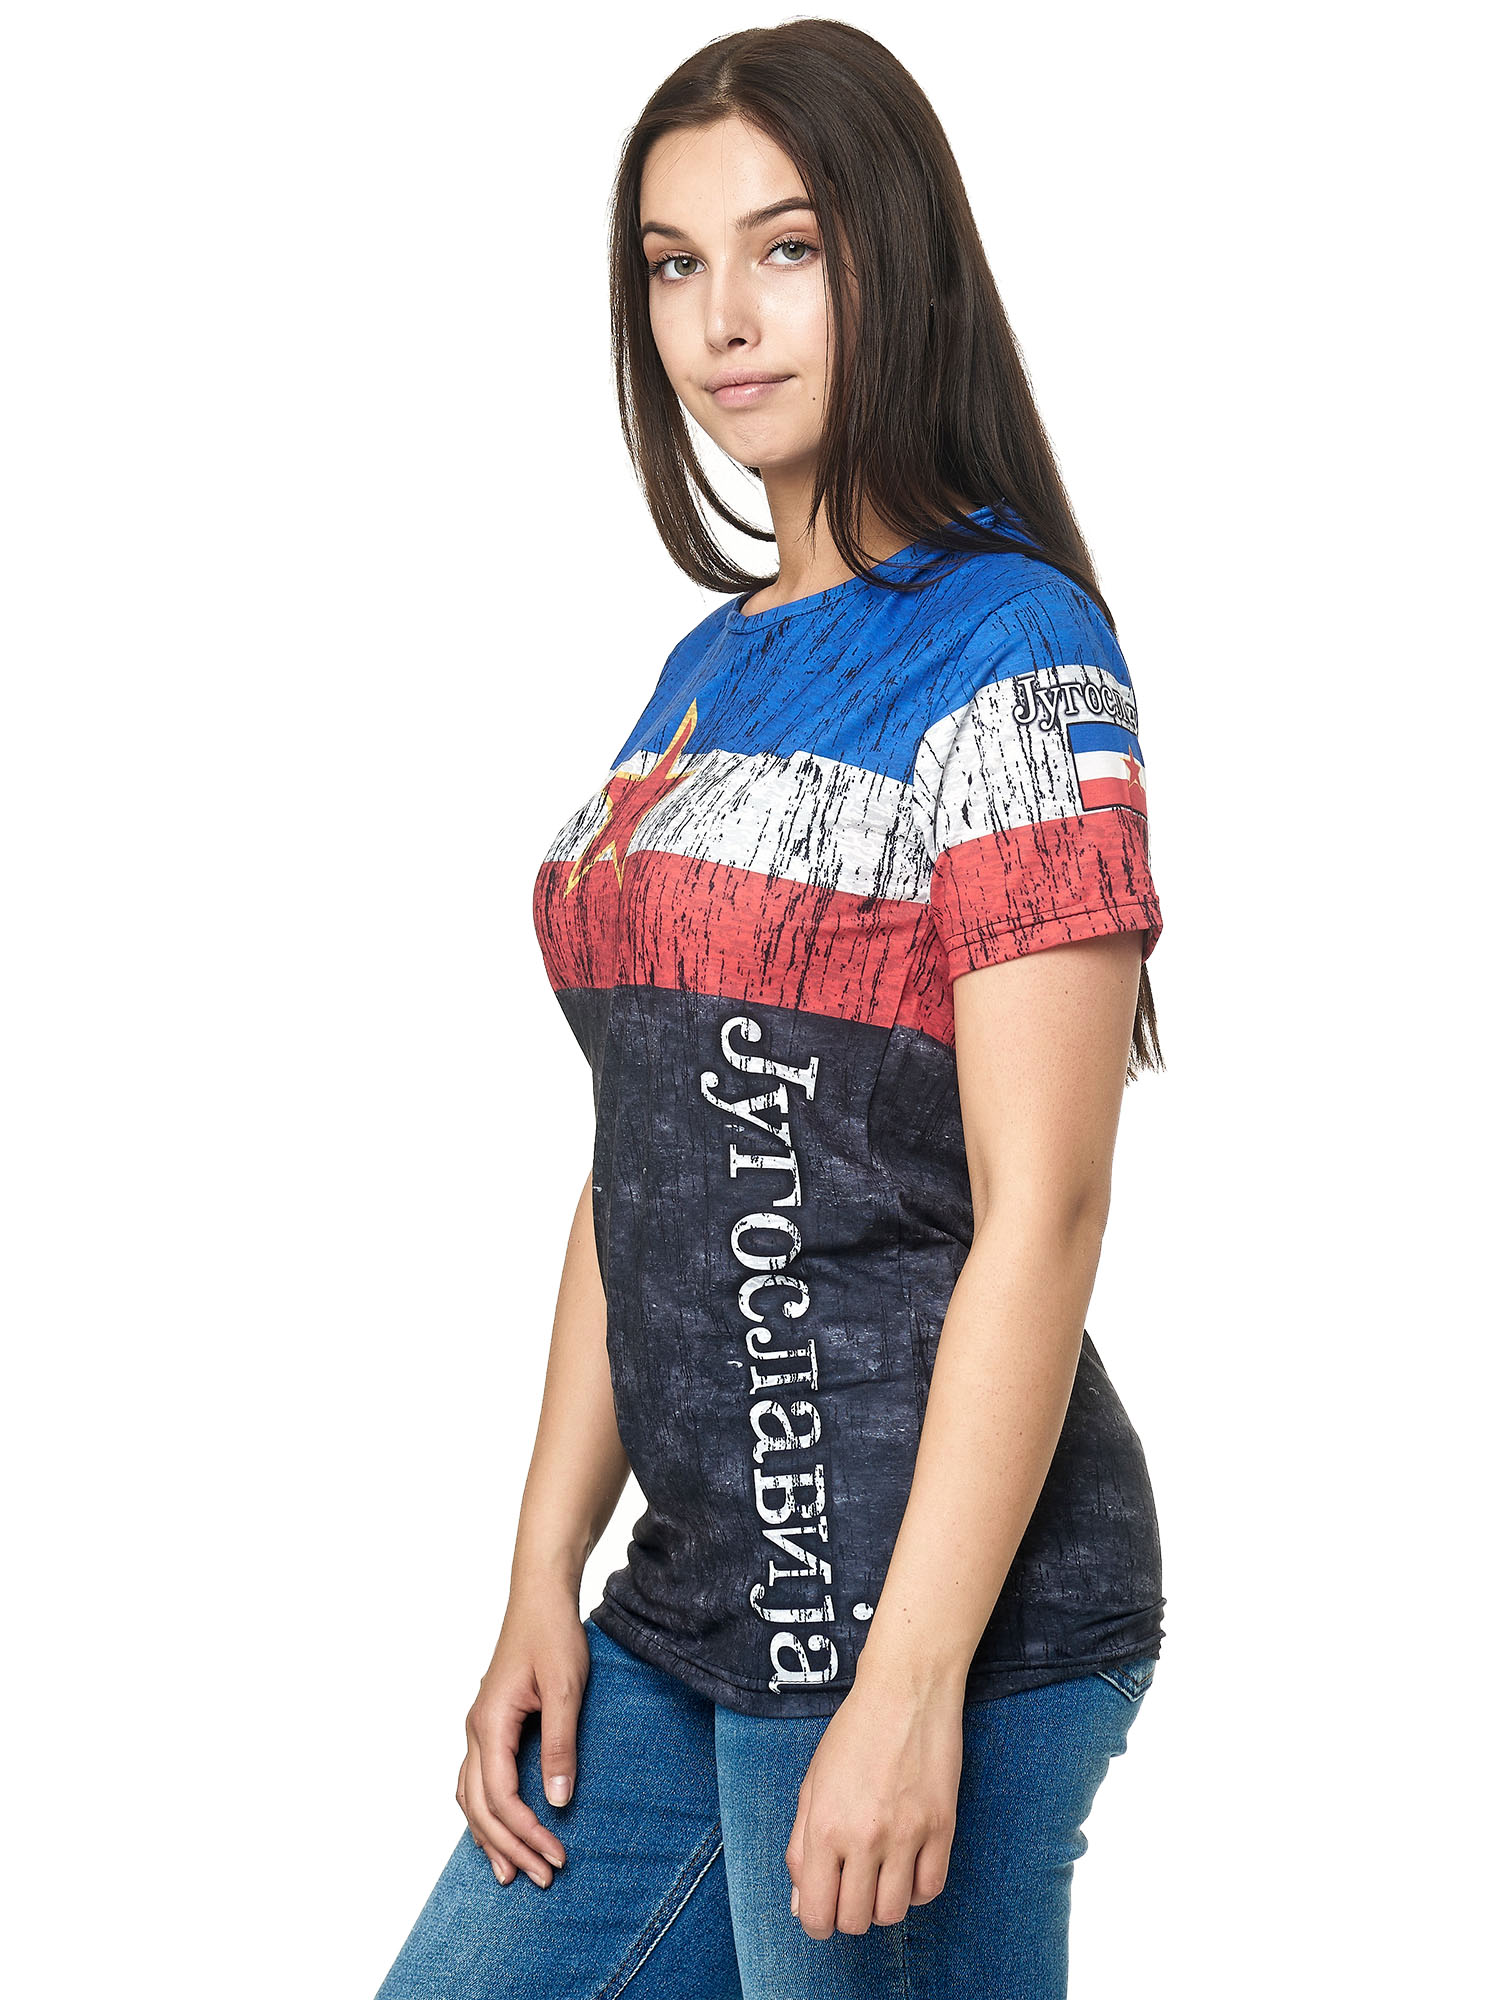 Paesi-da-Donna-T-shirt-A-Maniche-Corte-Girocollo-donne-CALCIO-Fanshirt-John-Kayna miniatura 72